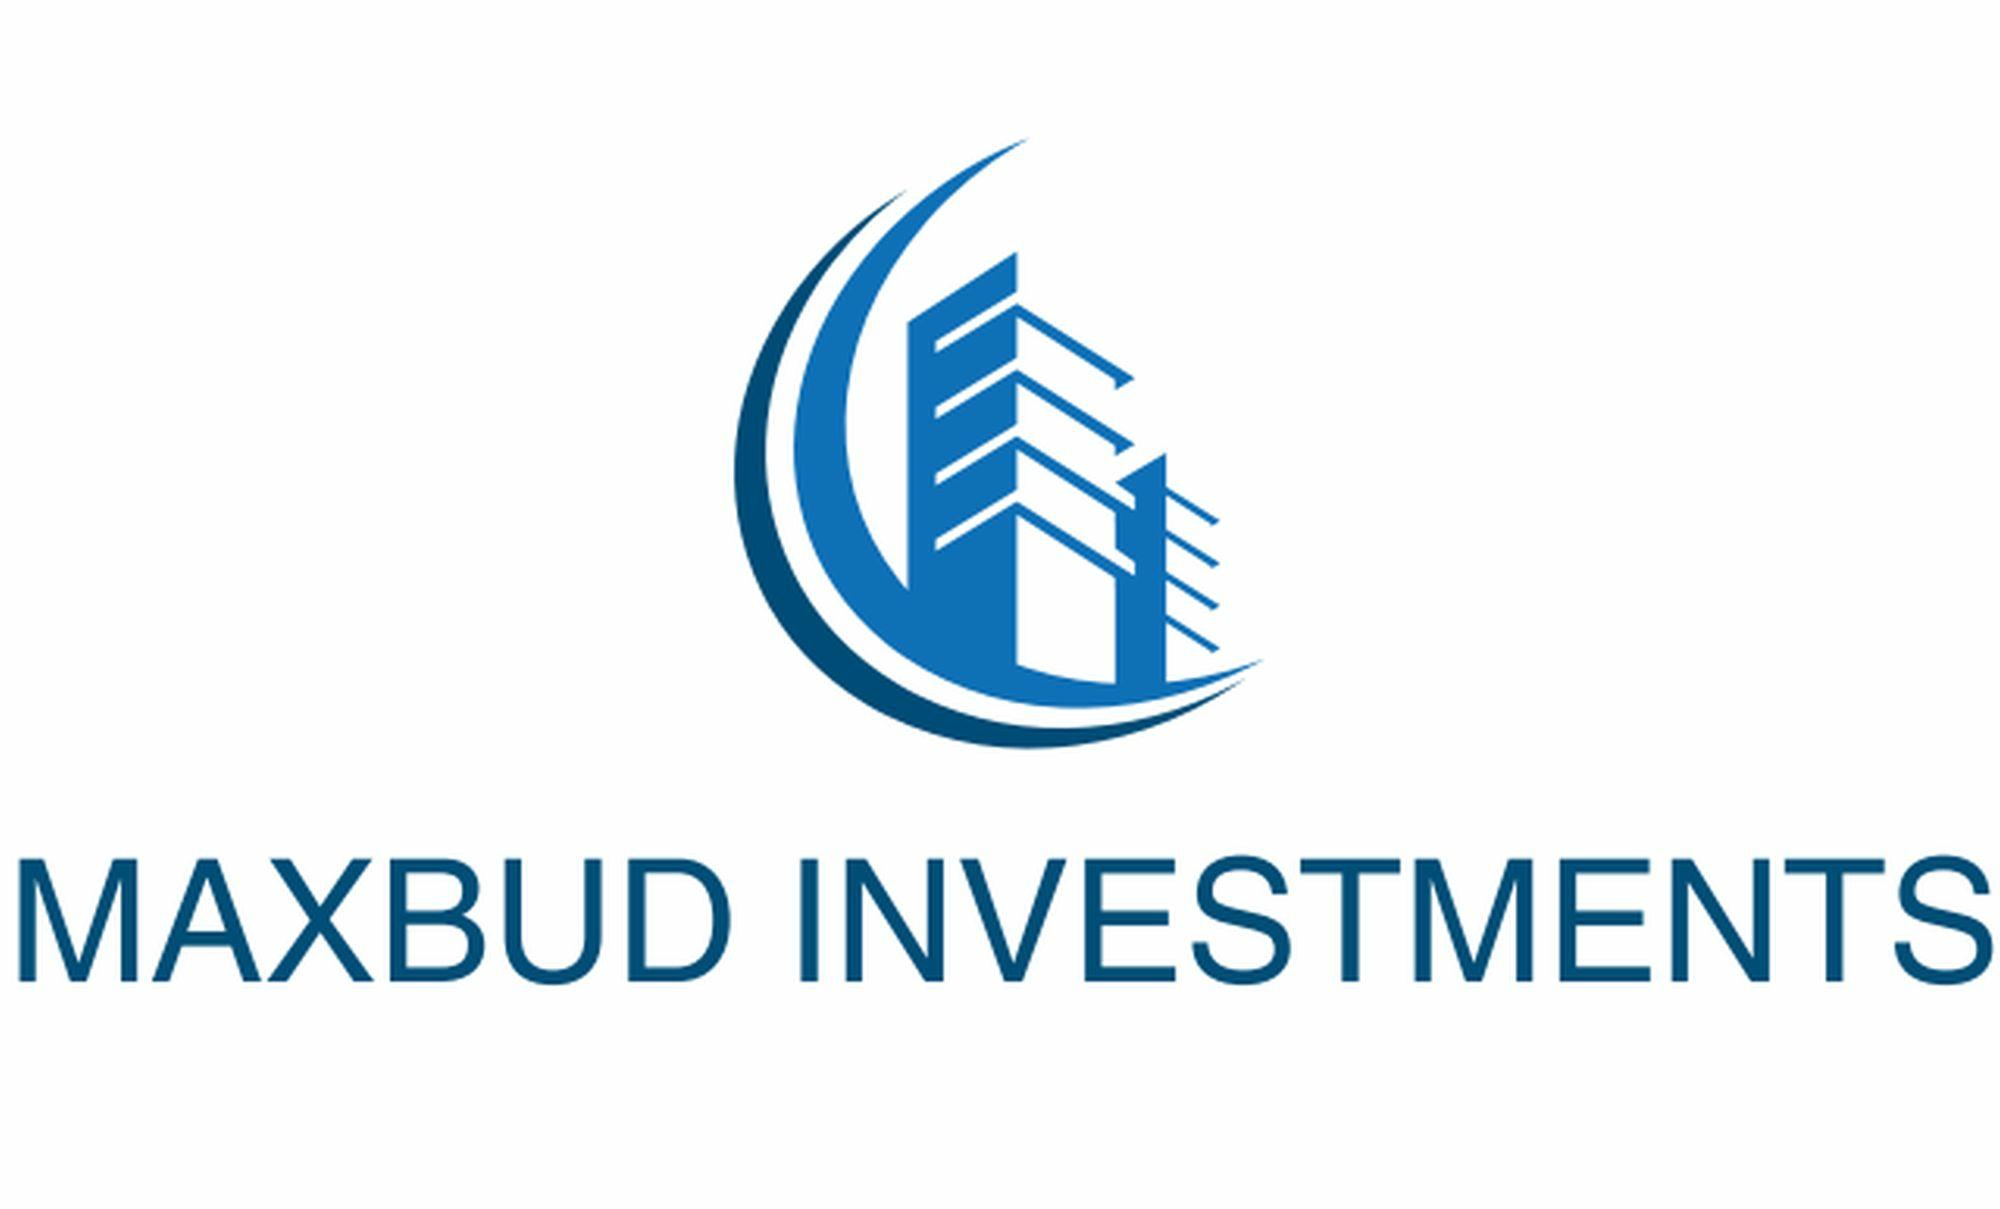 Maxbud Investment